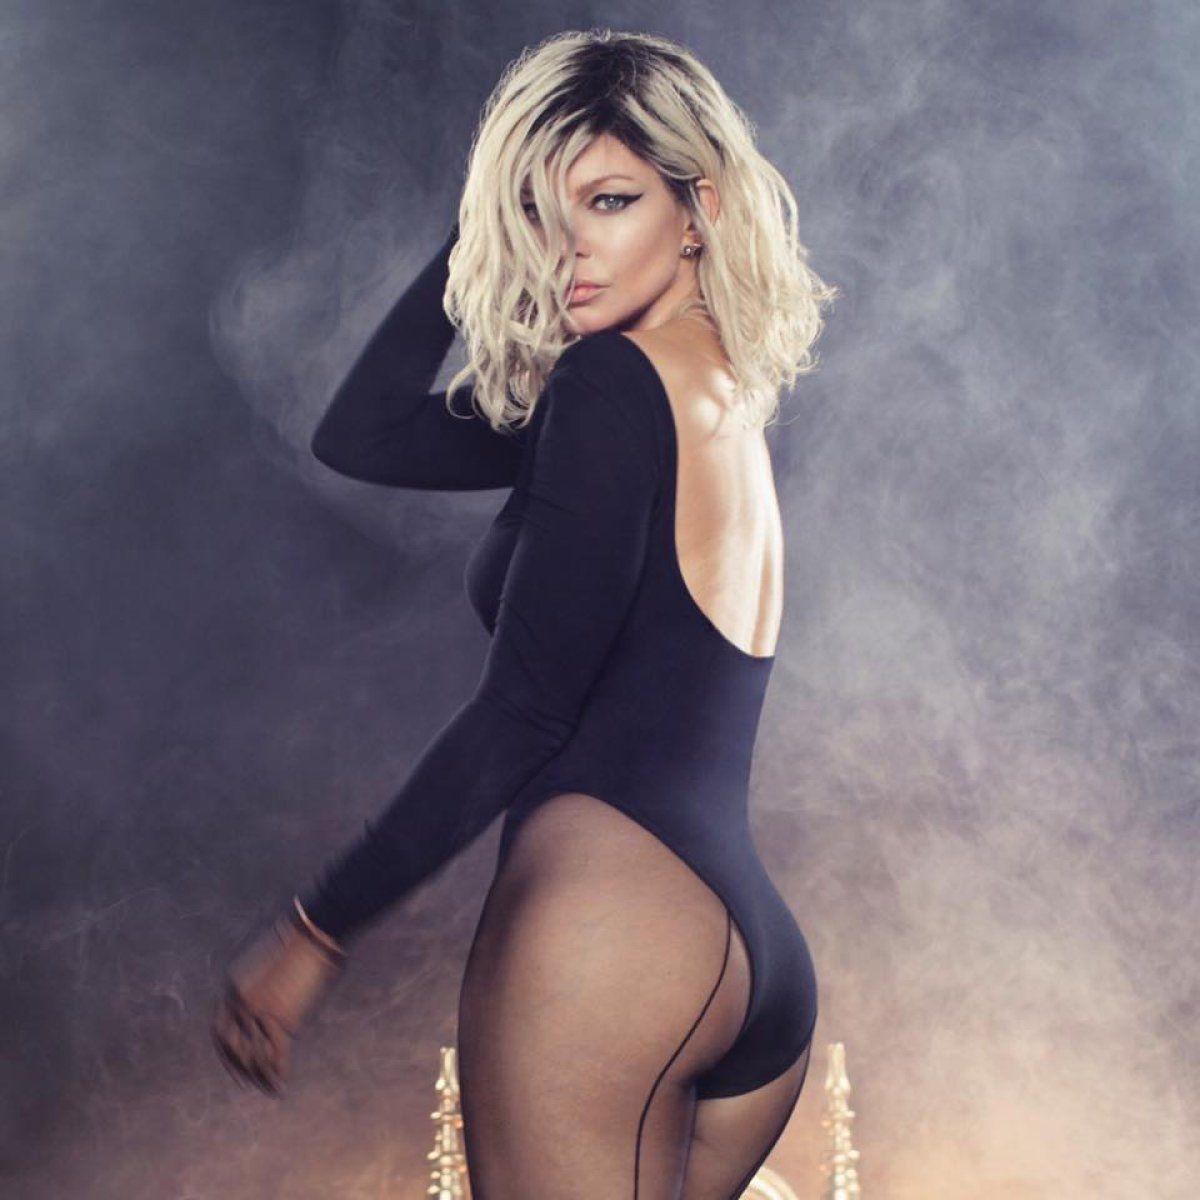 Instagram Fergie nudes (31 foto and video), Tits, Cleavage, Selfie, in bikini 2019